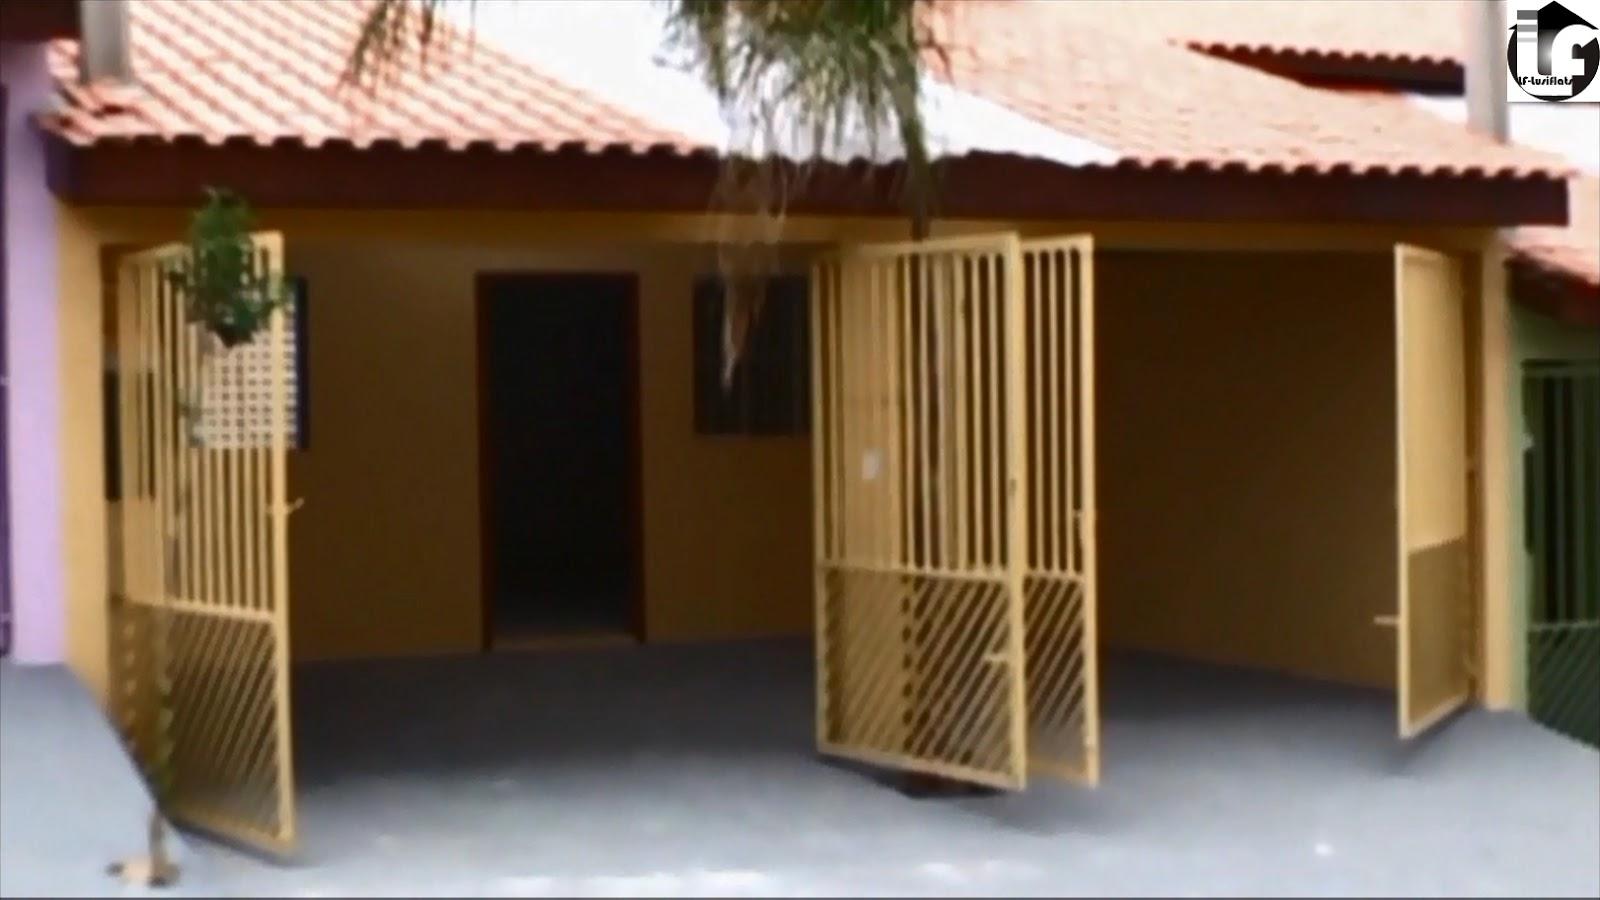 fachada ocre portões metal garagem 2 vagas #342210 1600 900